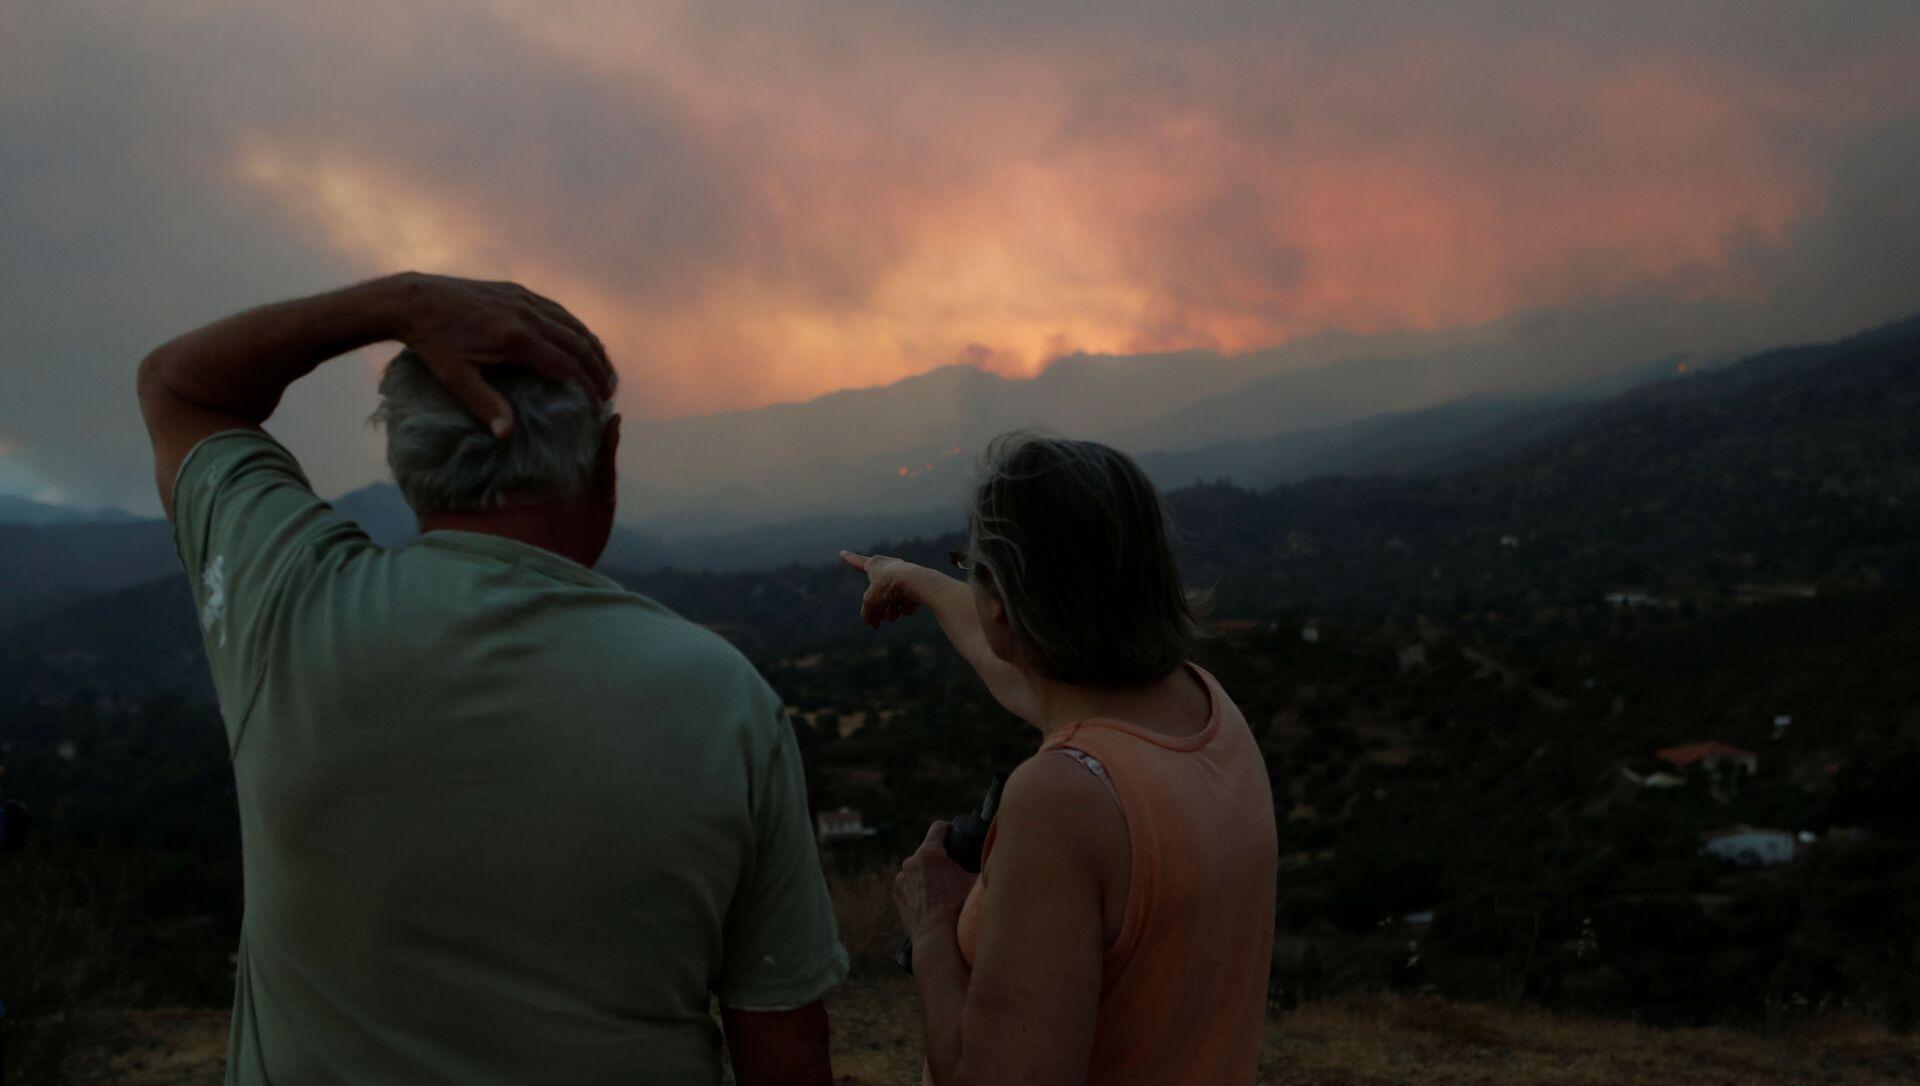 Güney Kıbrıs'ta Larnaka'nın ormanlık bölgesine yayılan yangına endişeyle bakan bir çift (3 Temmuz 2021) - Sputnik Türkiye, 1920, 04.07.2021